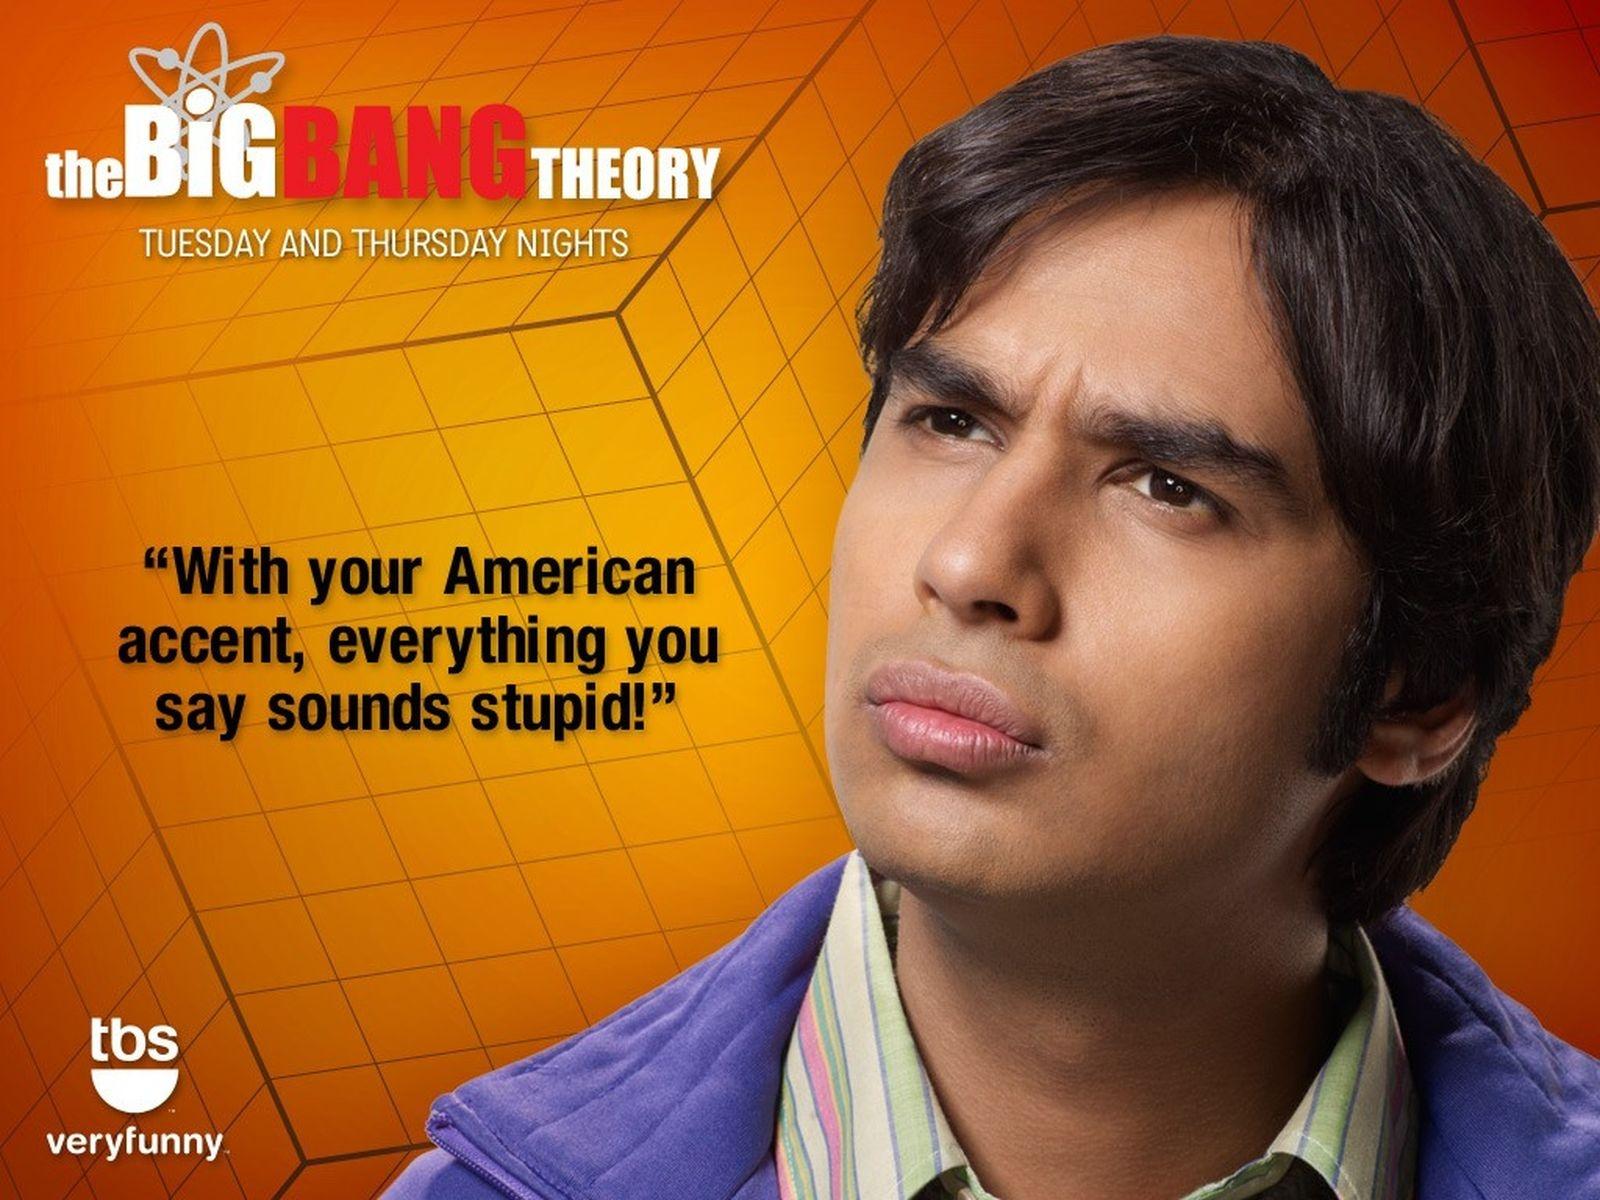 Big Bang Theory Quotes Raj. QuotesGram